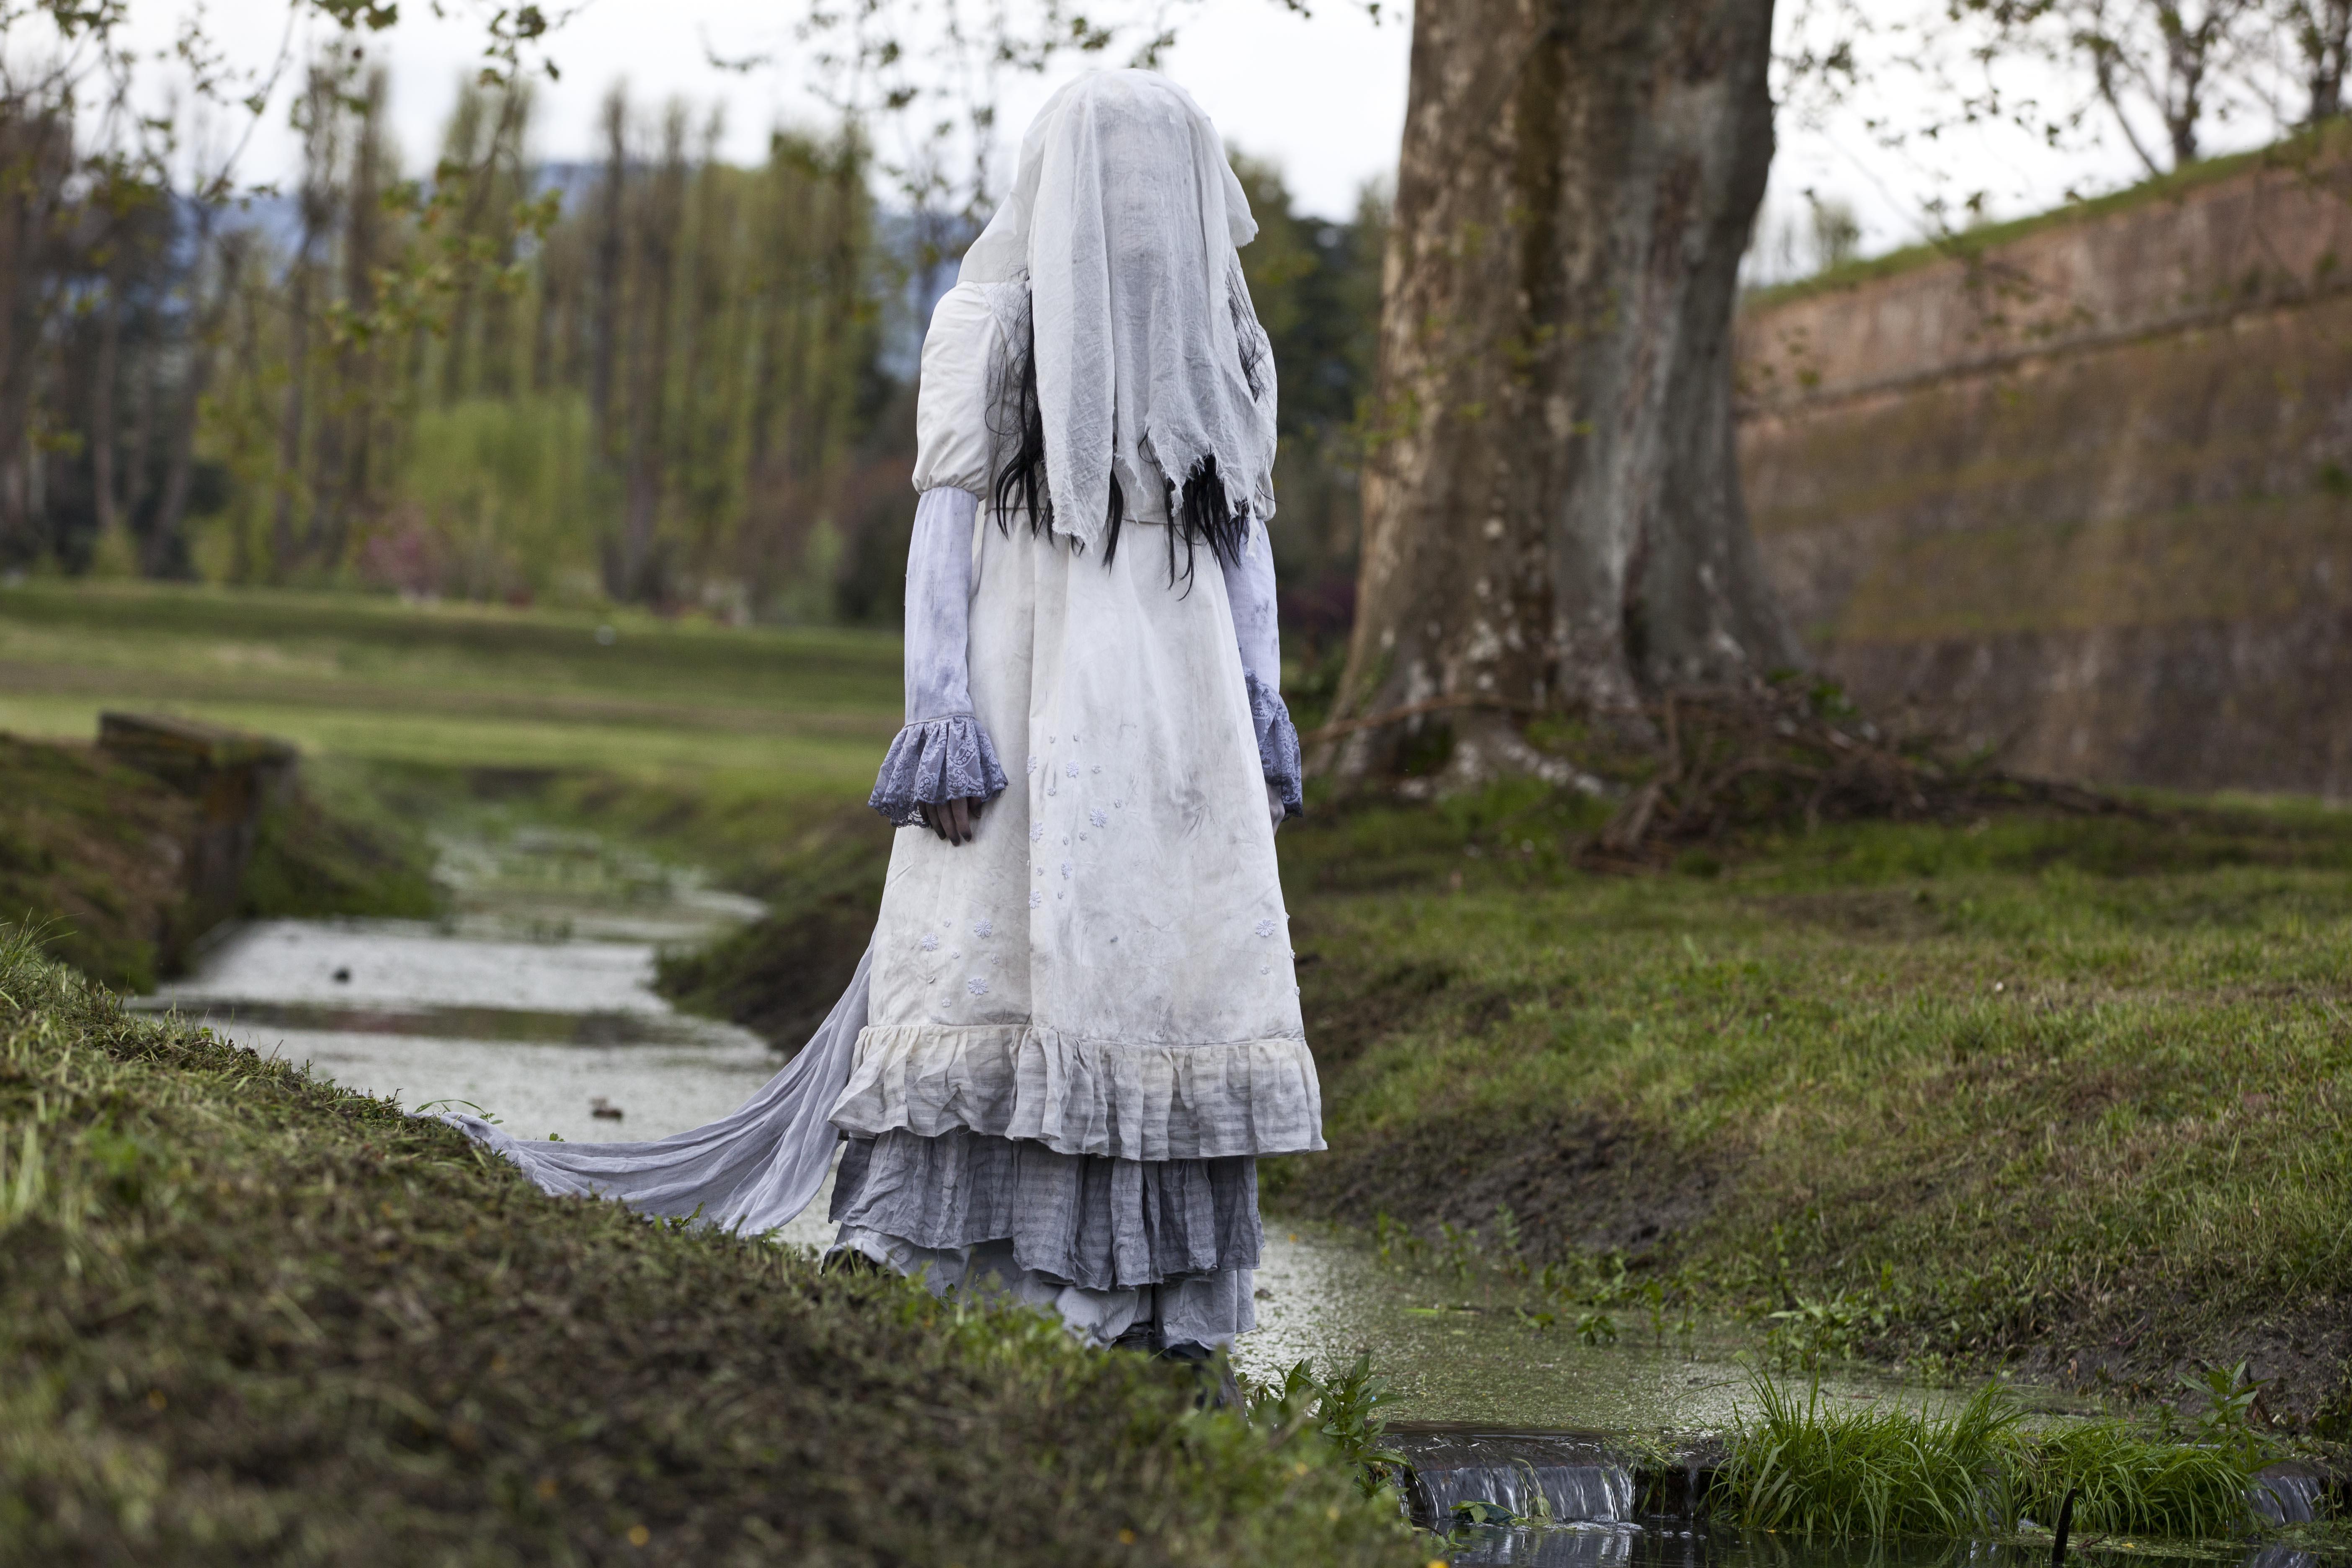 La Llorona - Le lacrime del male, la donna che piange in una foto scattata a Lucca